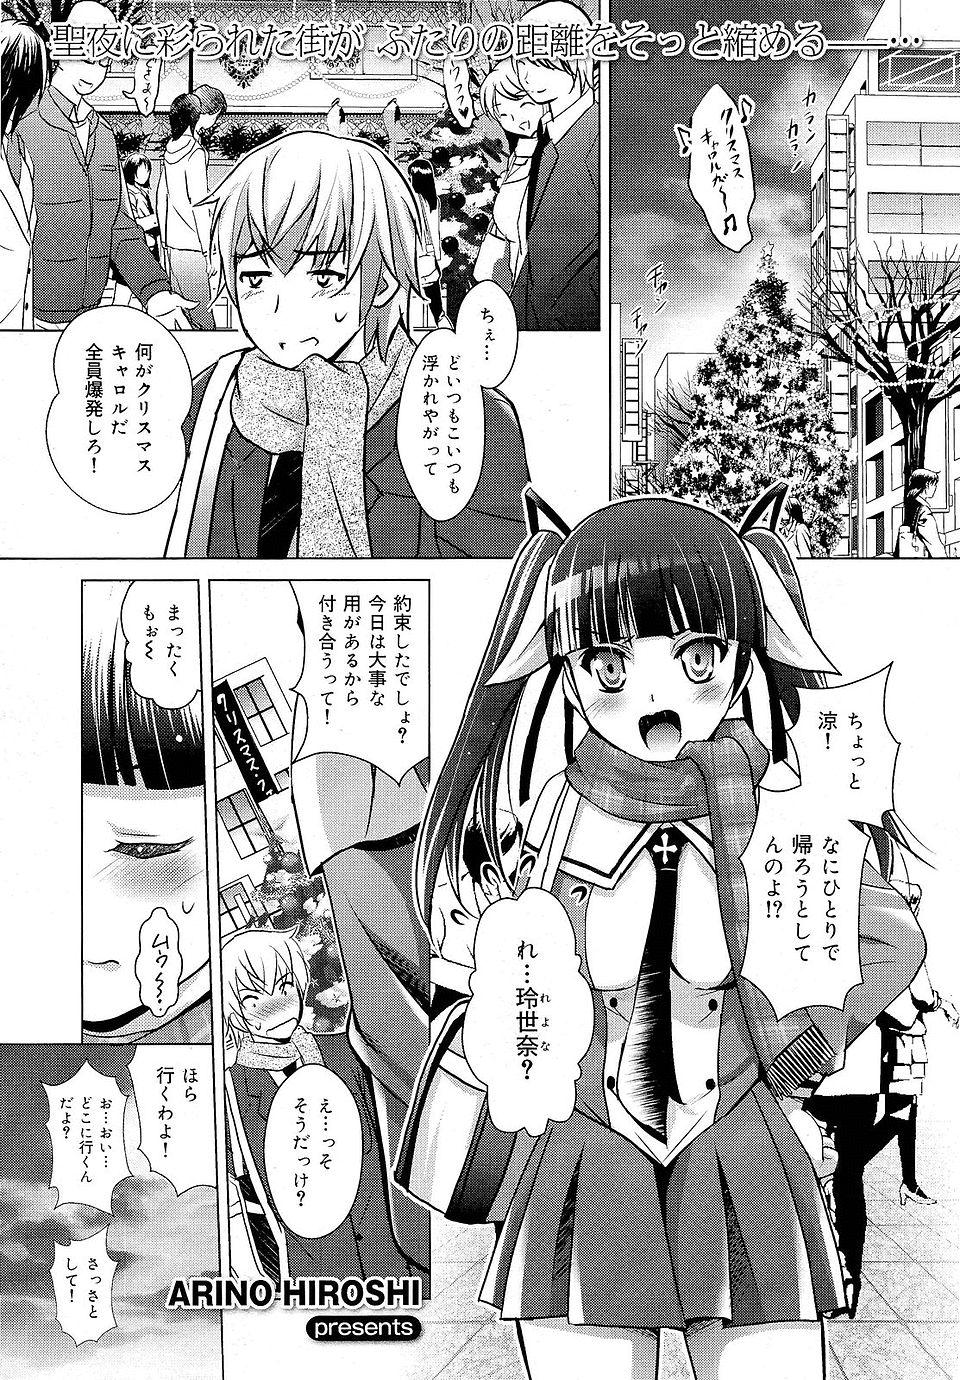 [ありのひろし] こんなクリスマスキャロル・・・って (1)